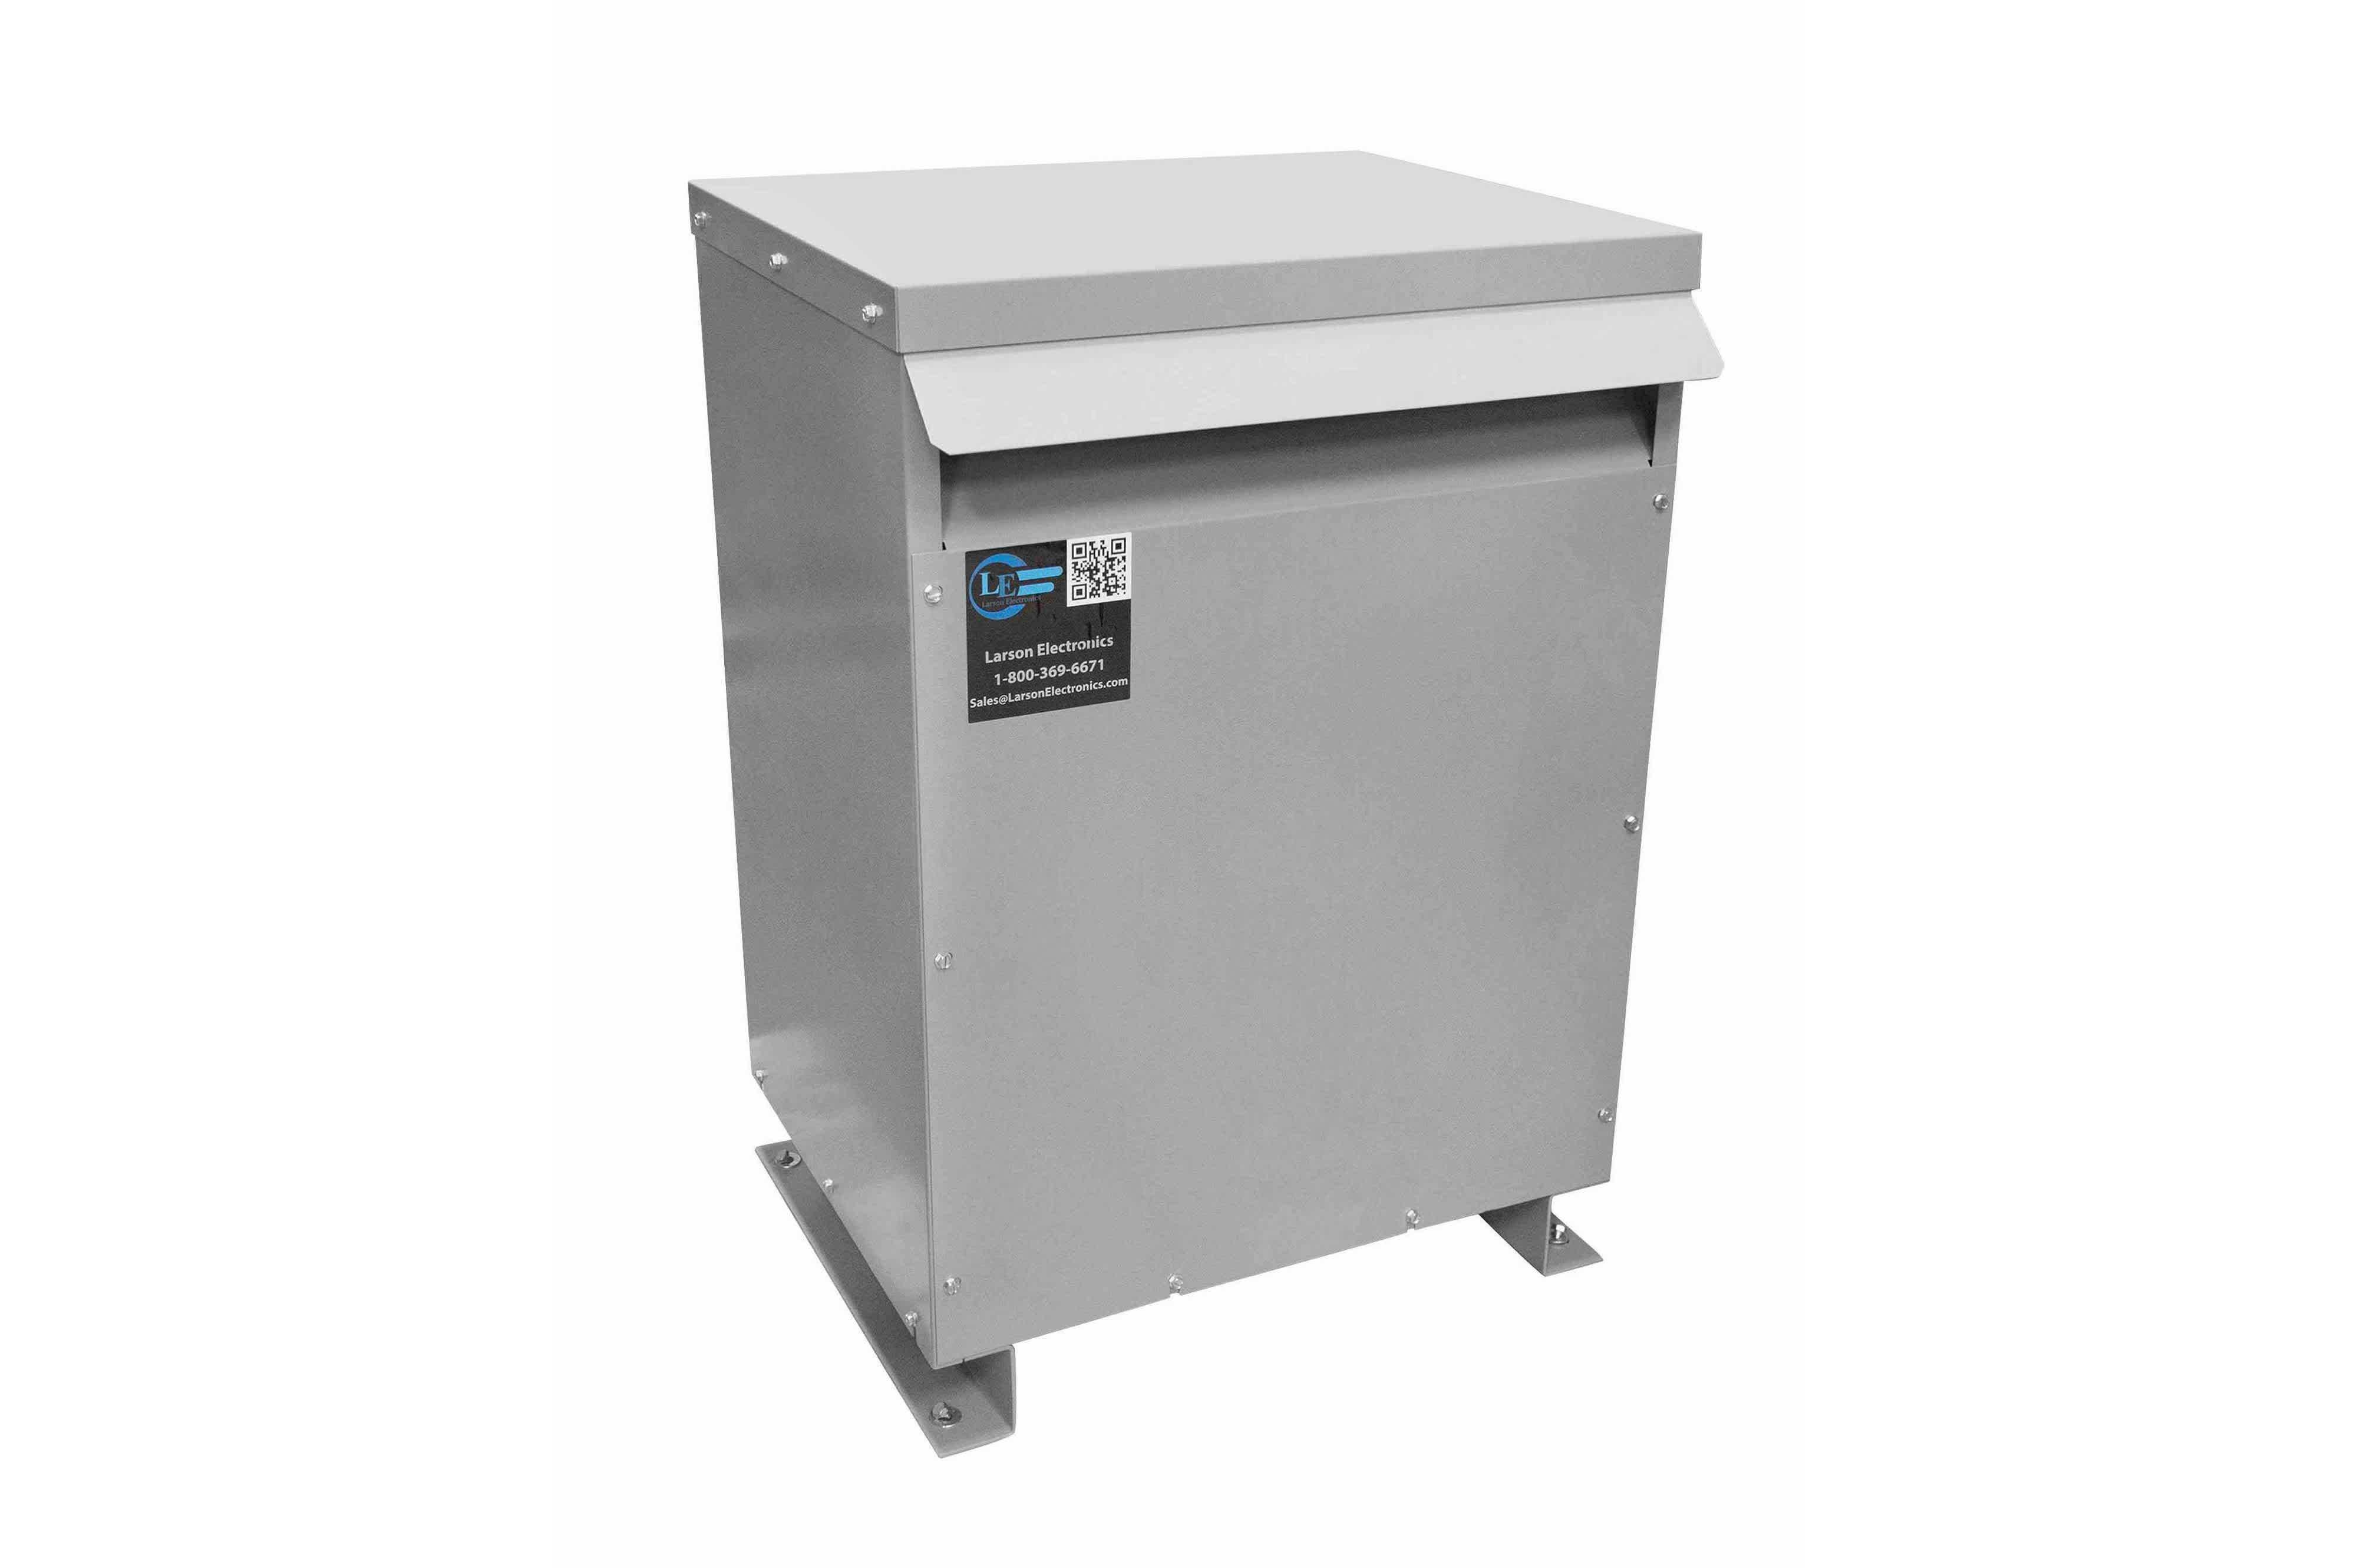 250 kVA 3PH DOE Transformer, 575V Delta Primary, 240V/120 Delta Secondary, N3R, Ventilated, 60 Hz